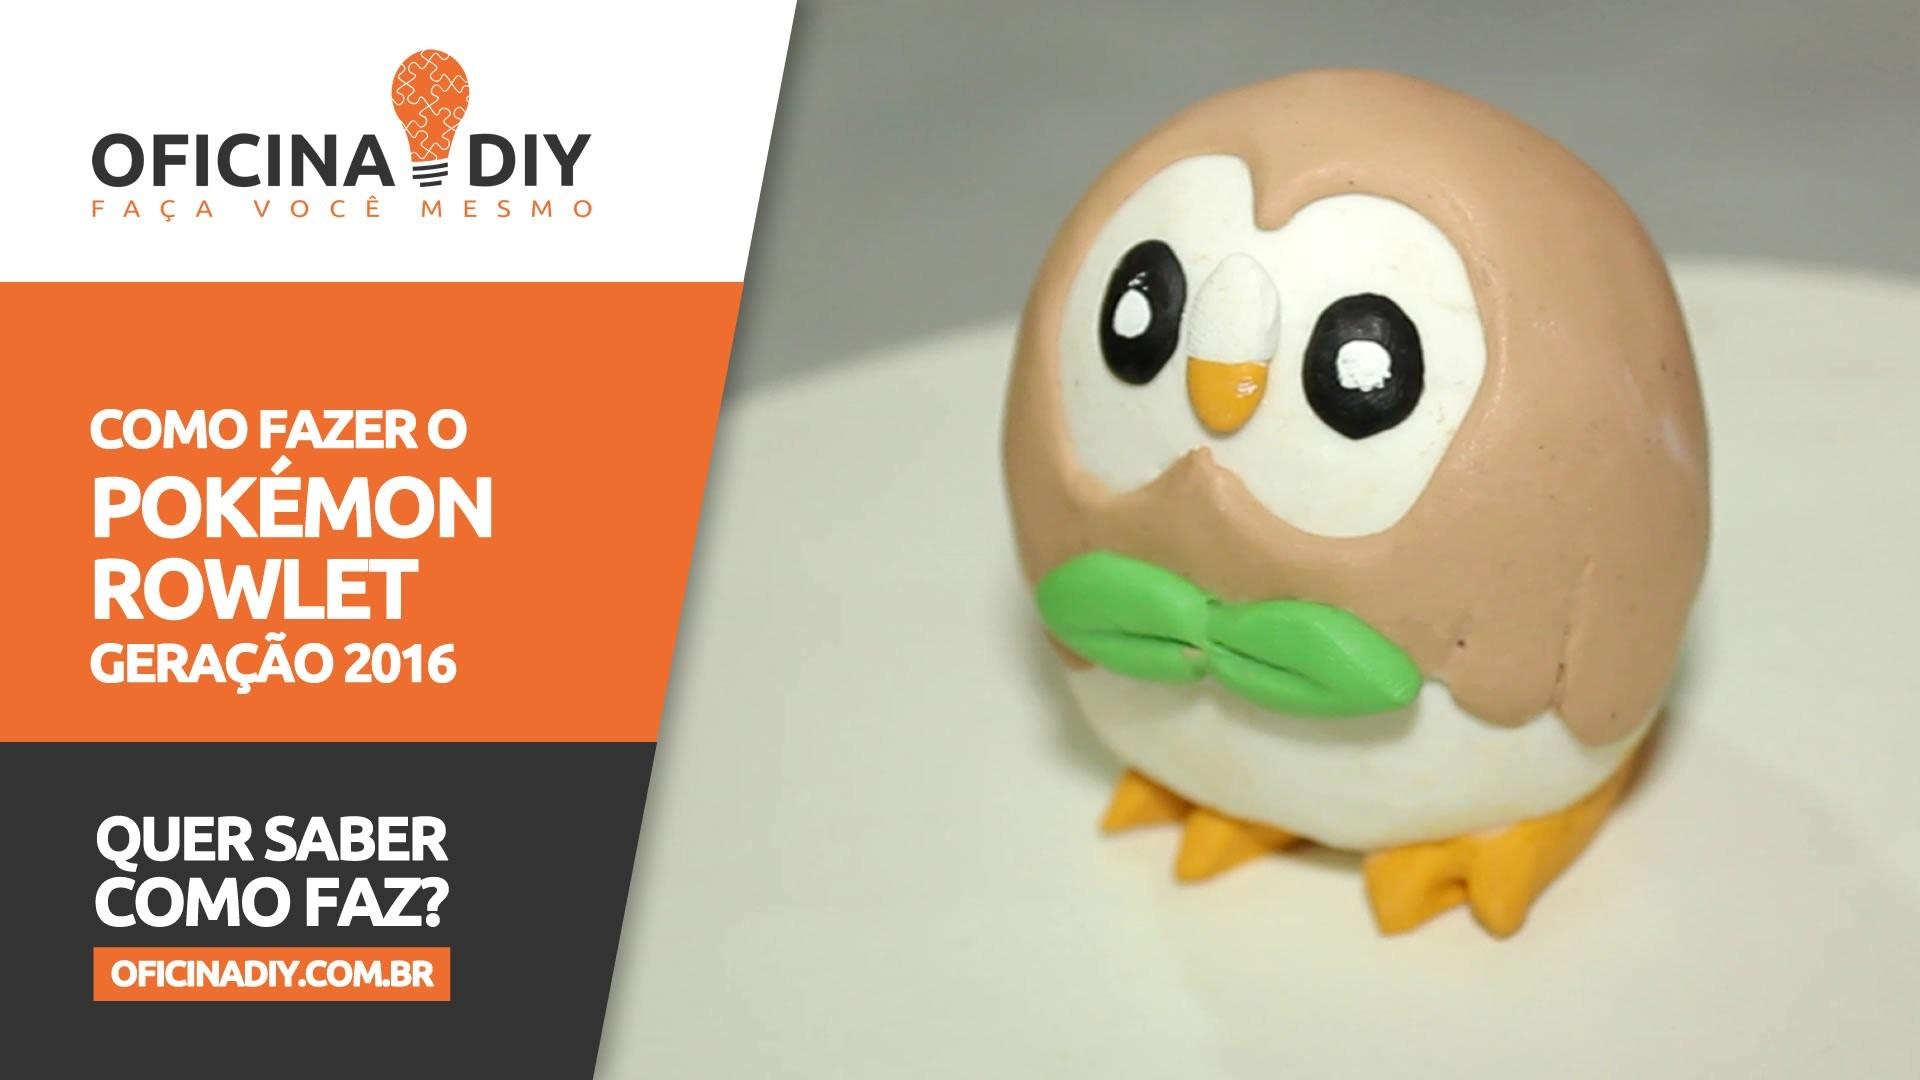 Como Fazer o Pokémon Rowlet - Nova geração 2016   Oficina DIY #34